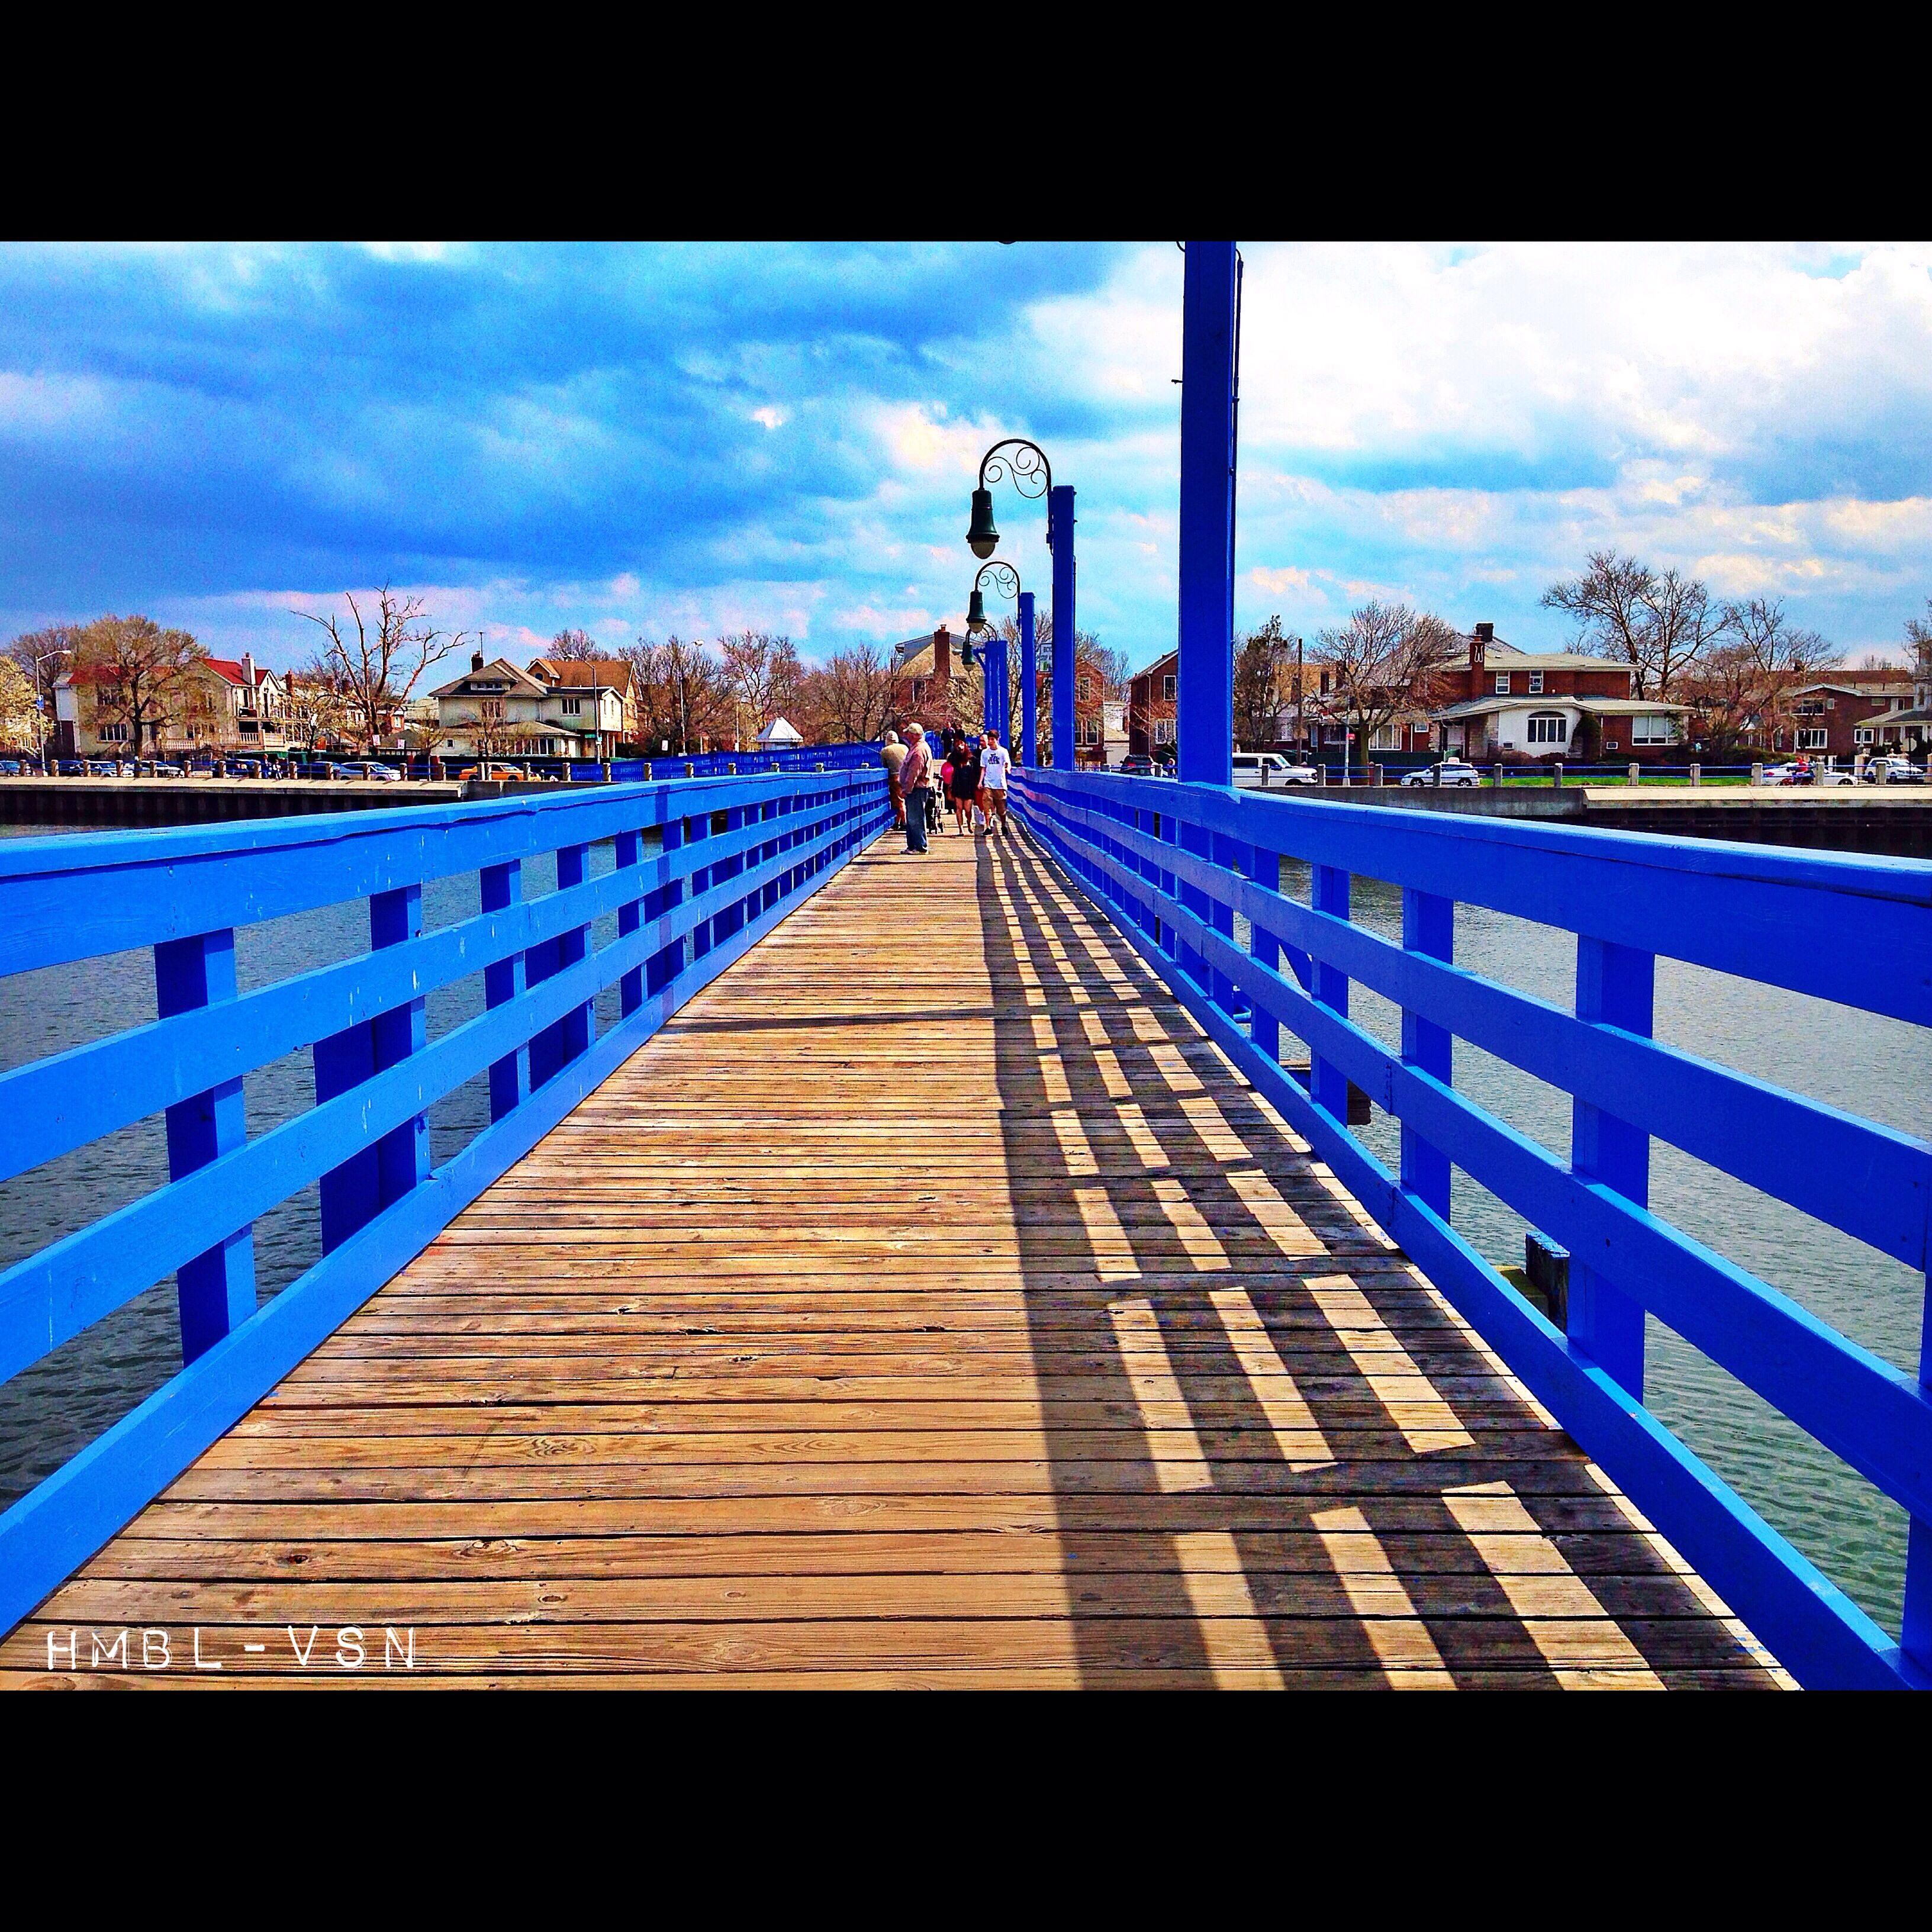 sheepshead bay foot bridge • brooklyn • brooklyn newyork